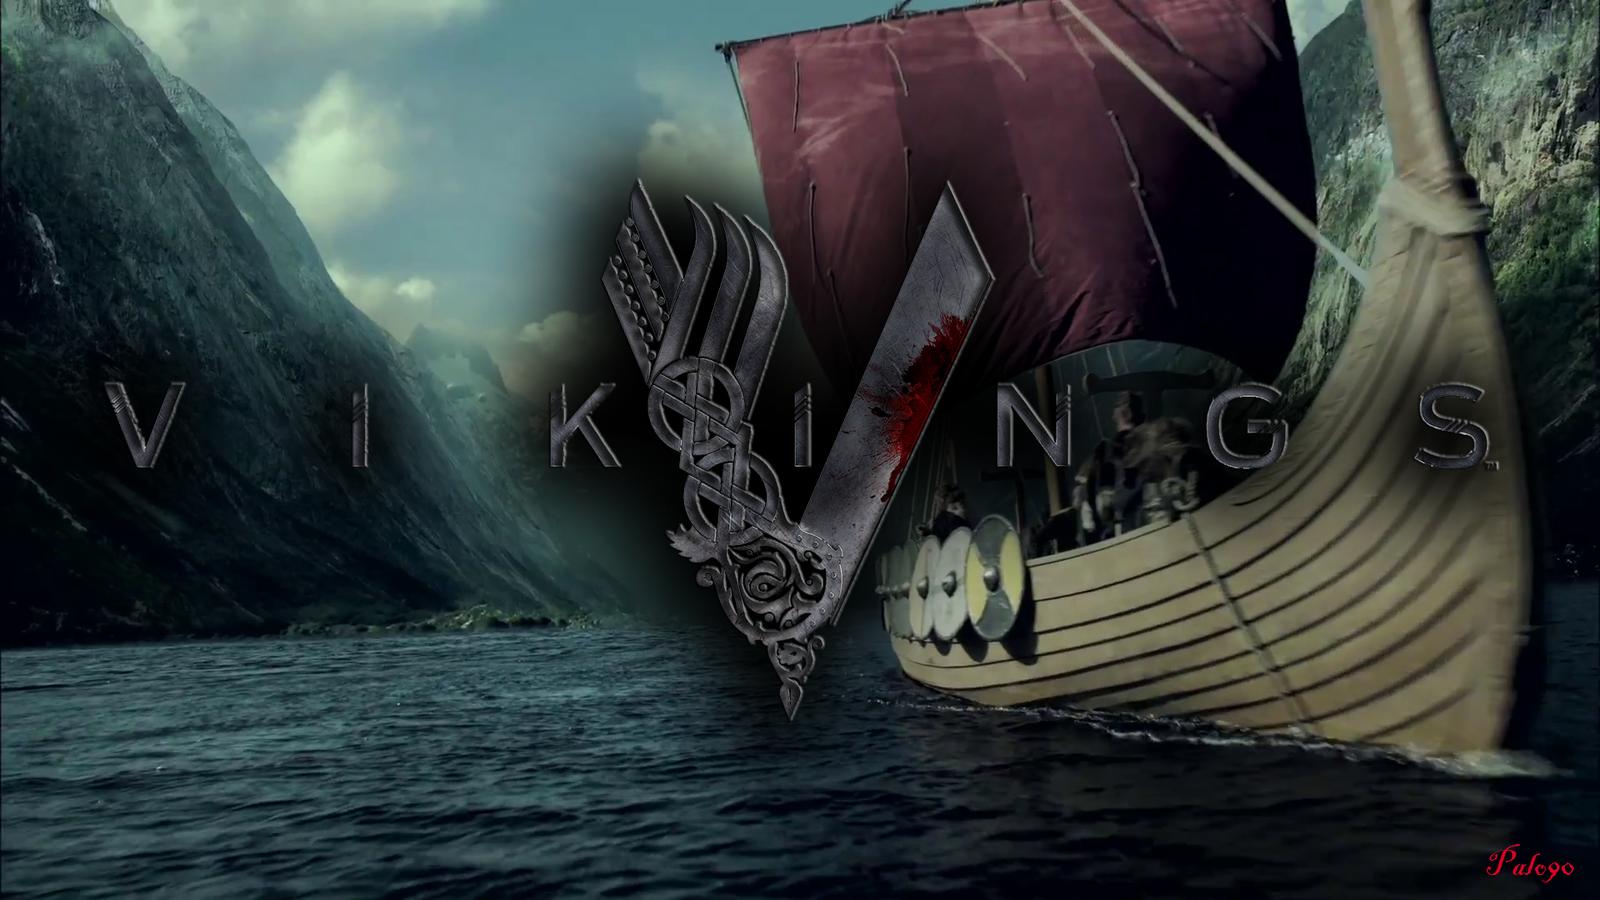 Free download vikings wallpaper by palo90 fan art wallpaper